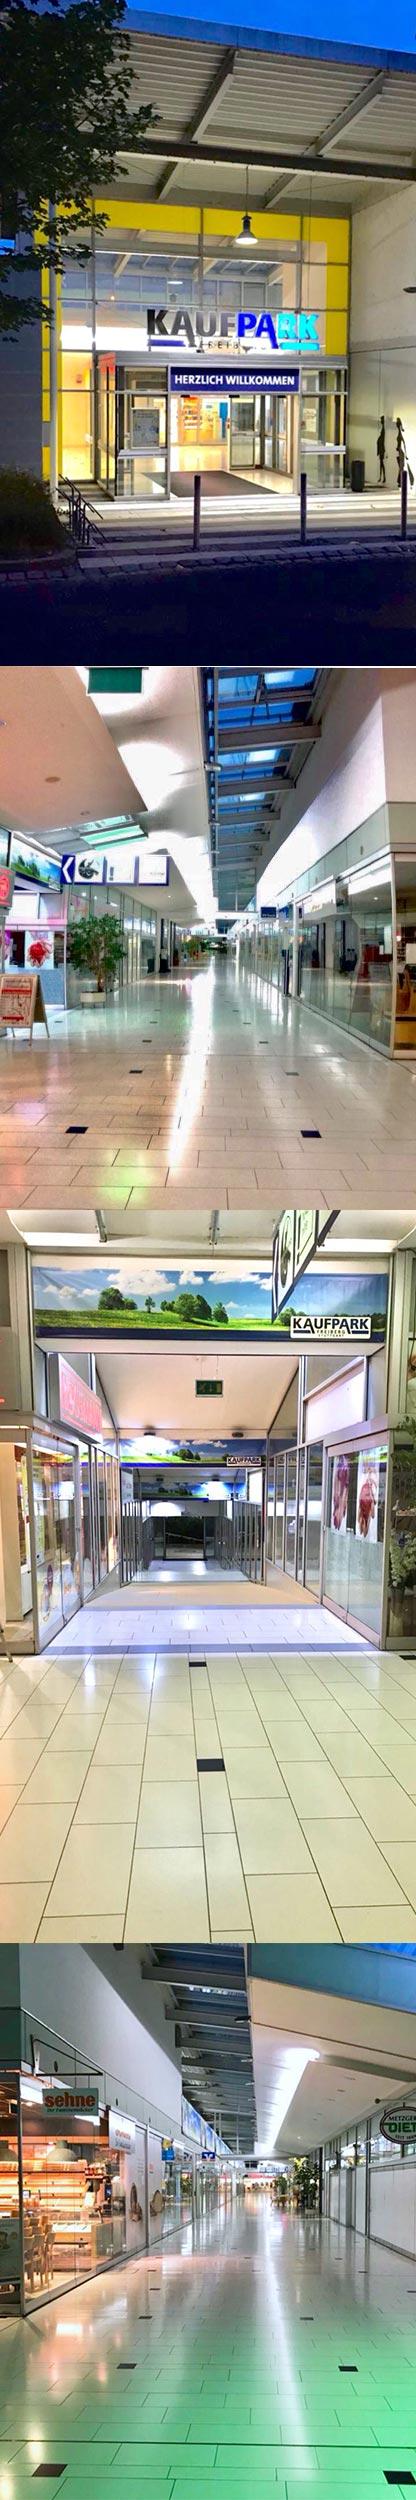 Kaufpark-Kollage-1